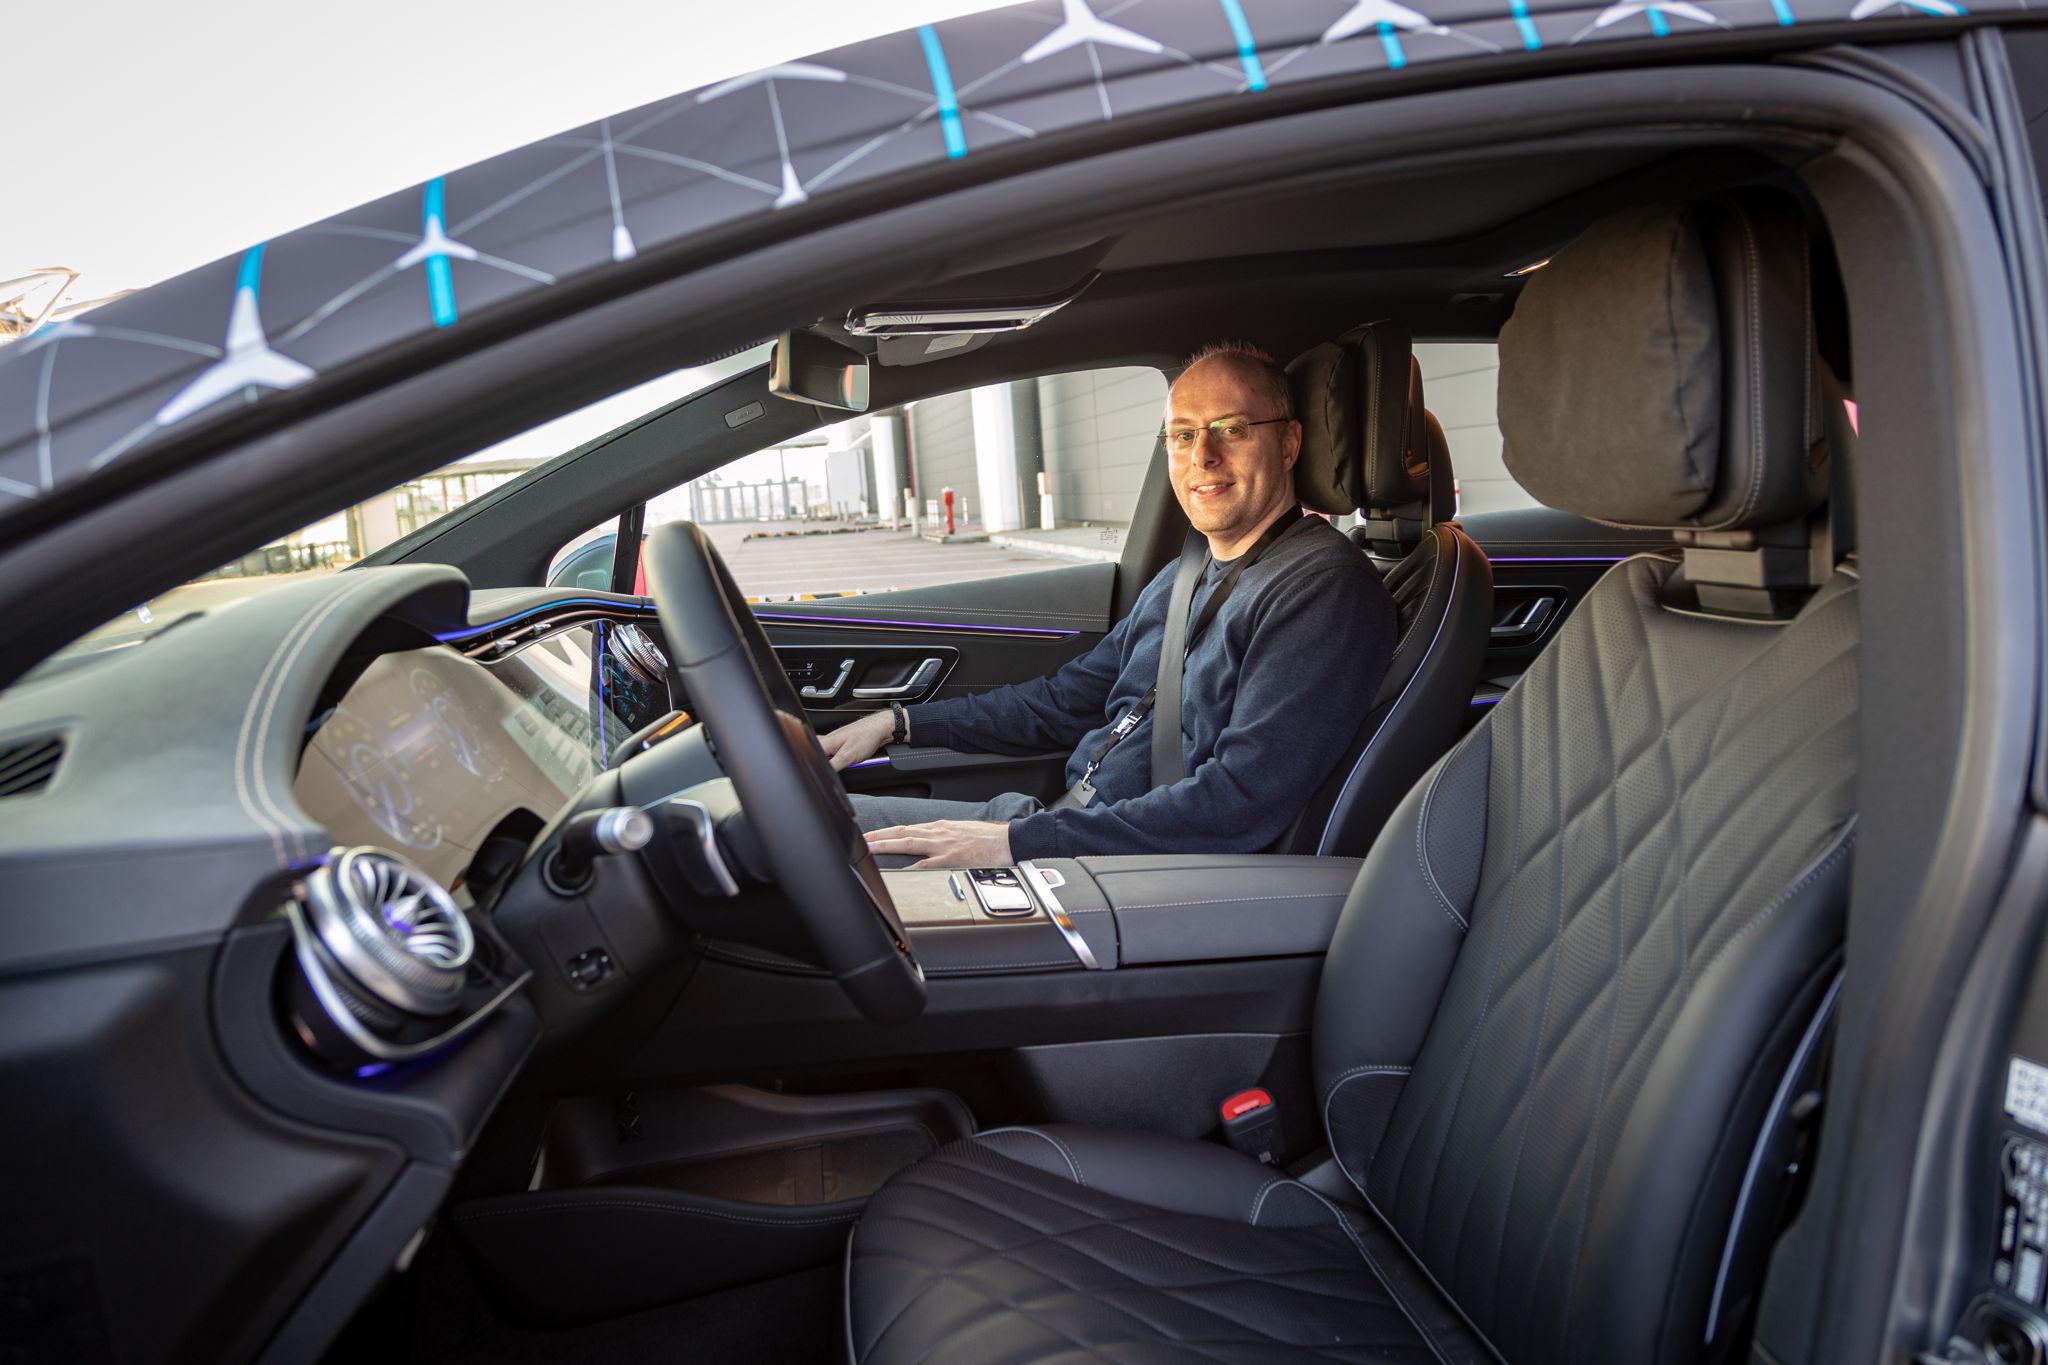 Erster Eindruck vom EQS: Mitfahrt im künftigen Luxus-Elektroauto von Mercedes